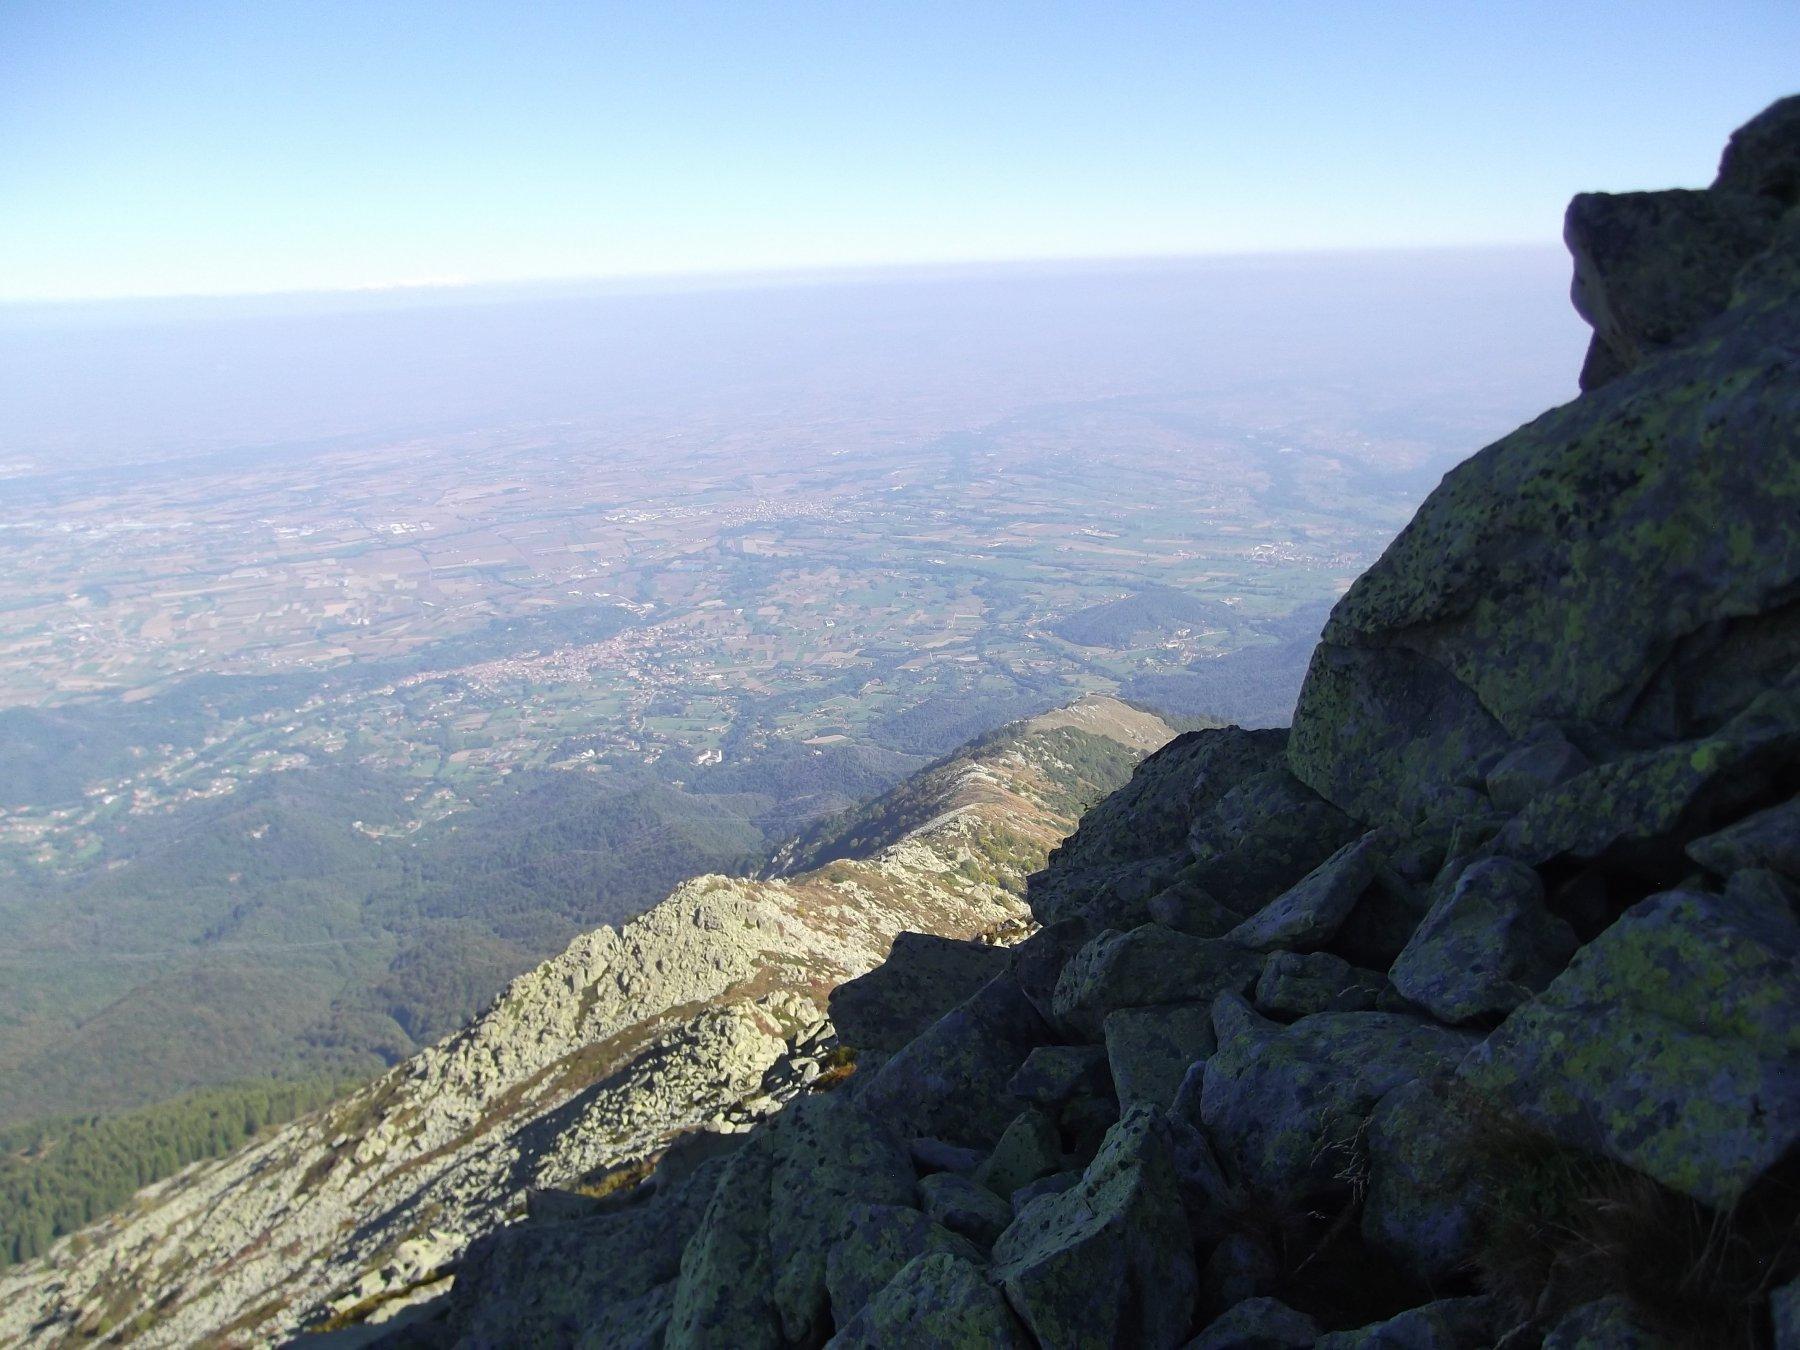 La cresta vista da sotto la cima nord.